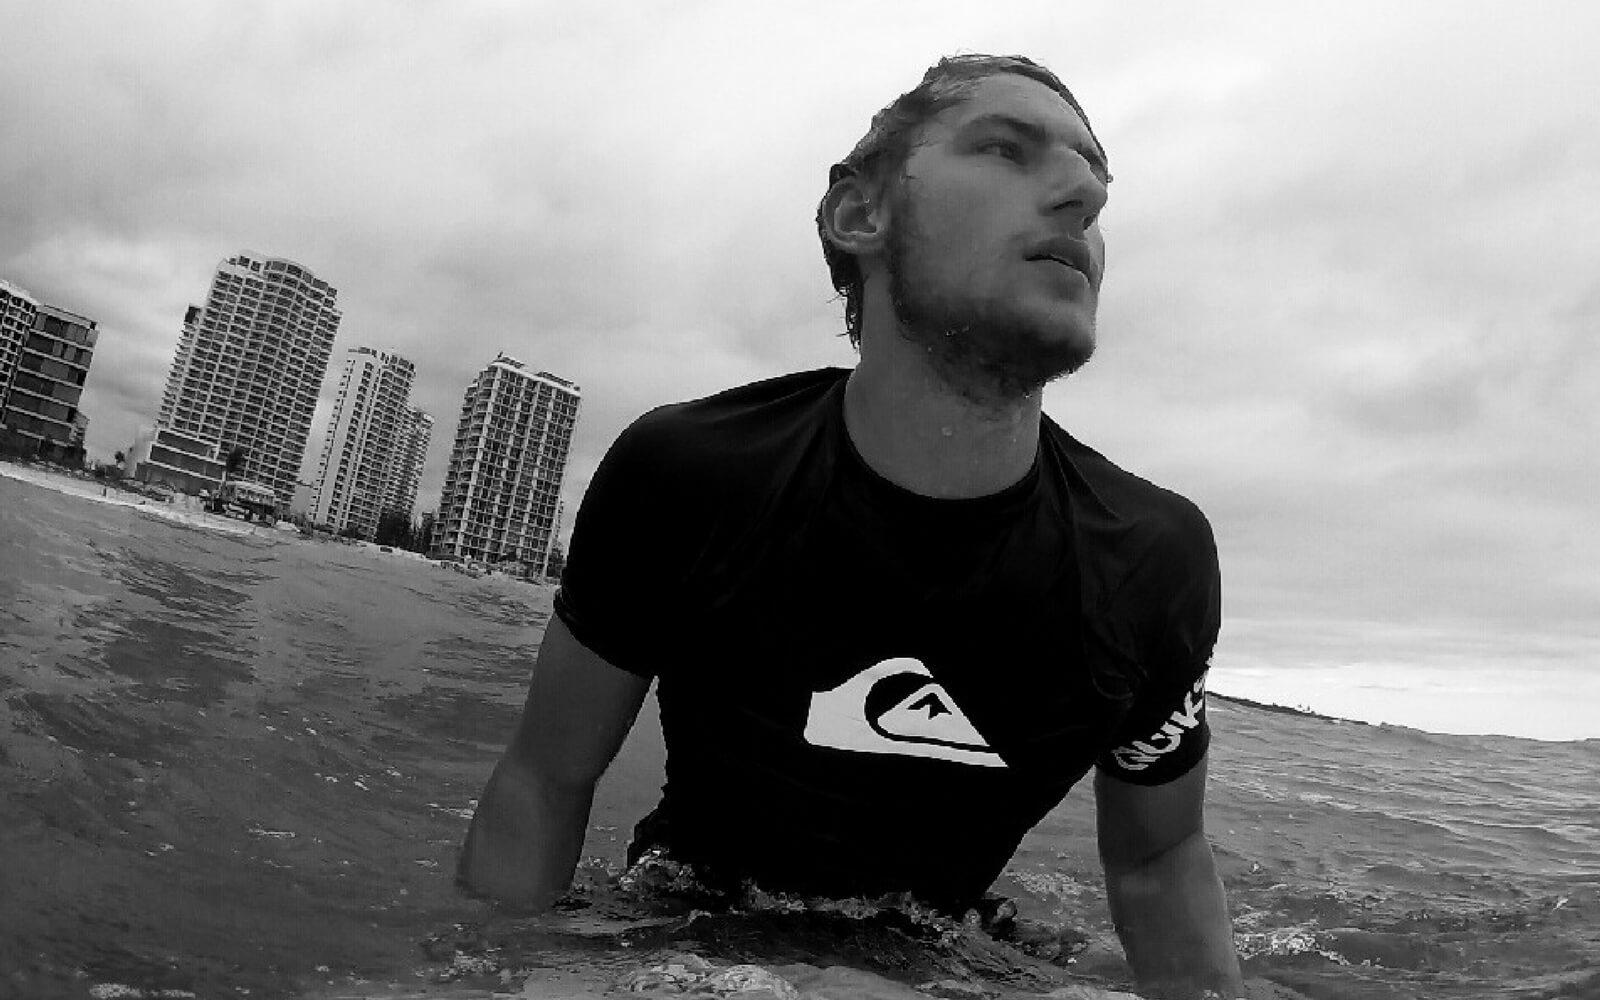 Paul beim Surfen